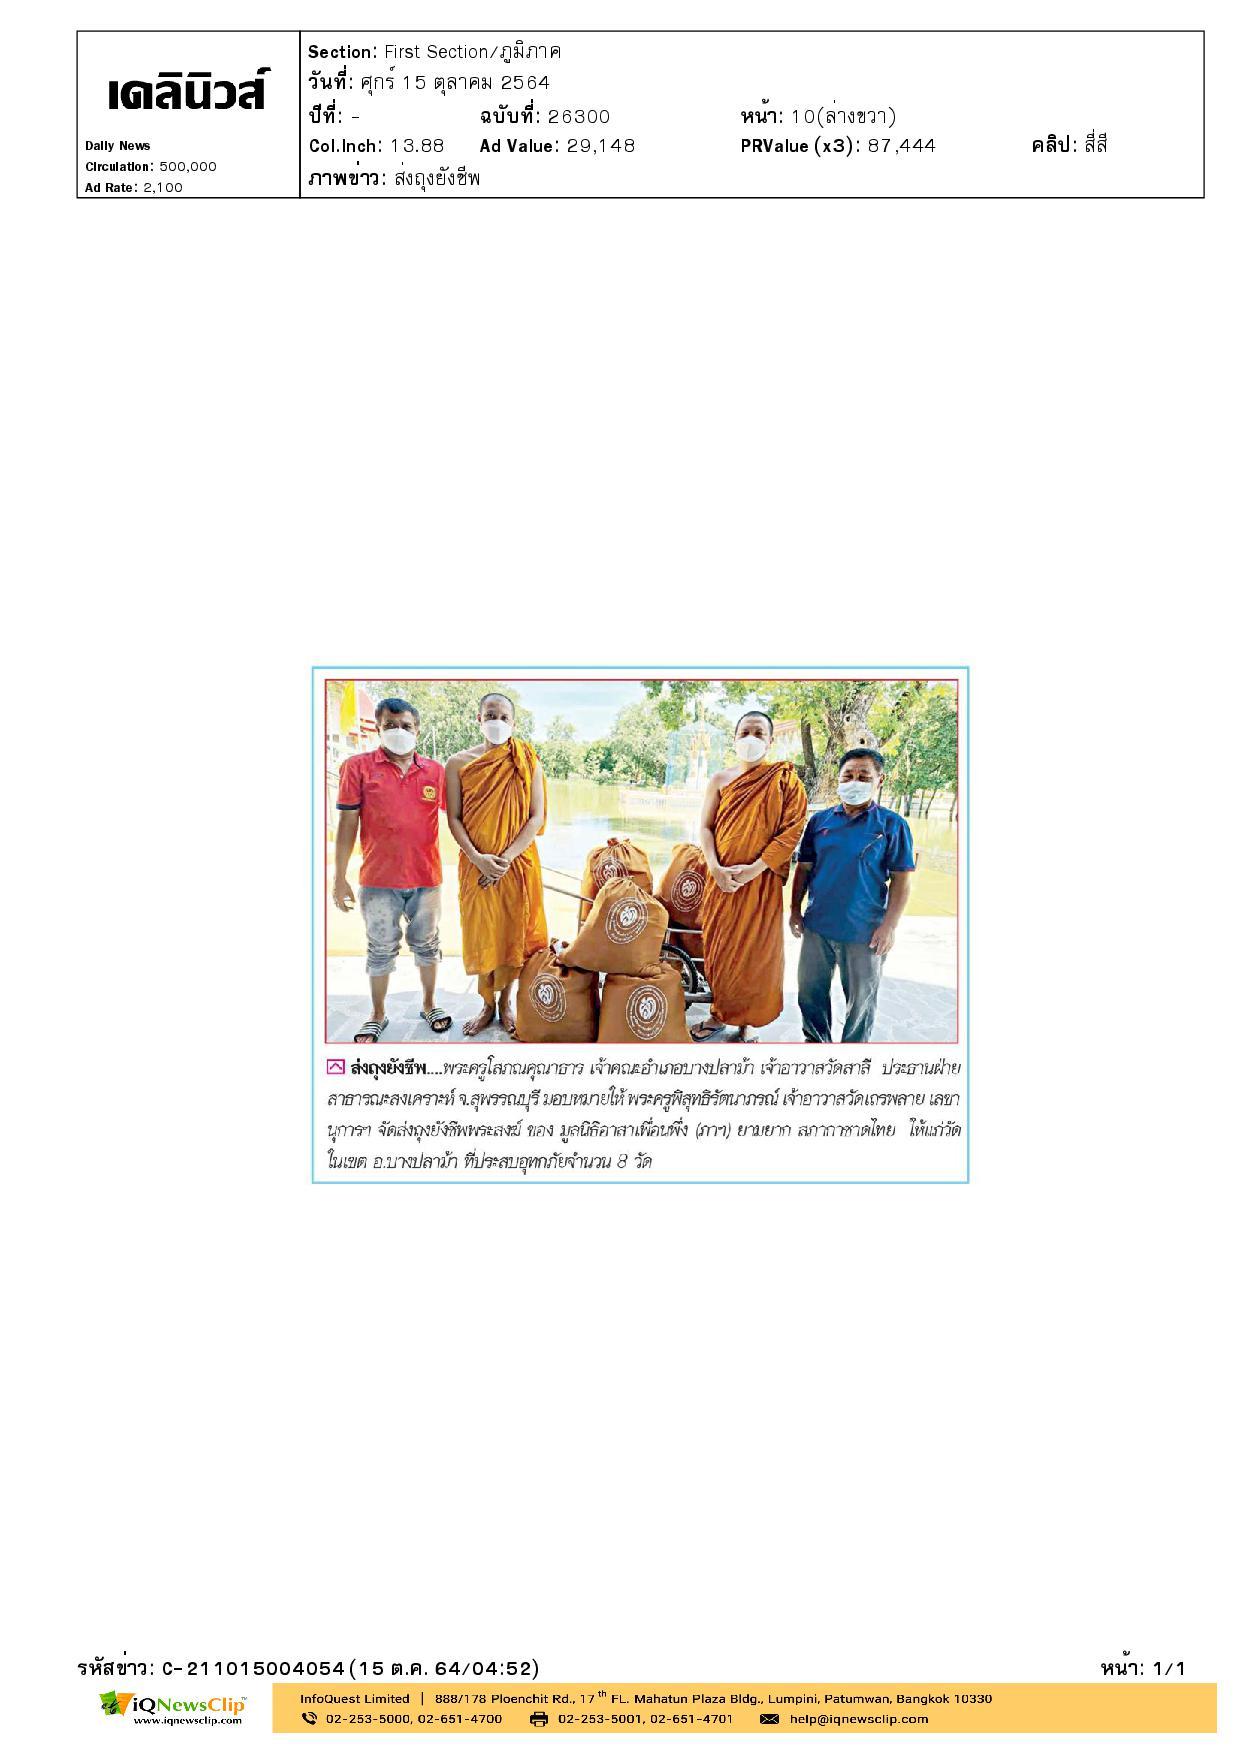 จัดส่งถุงยังชีพพระสงฆ์ ของ มูลนิธิอาสาเพื่อนพึ่ง (ภาฯ) ยามยาก สภากาชาดไทย